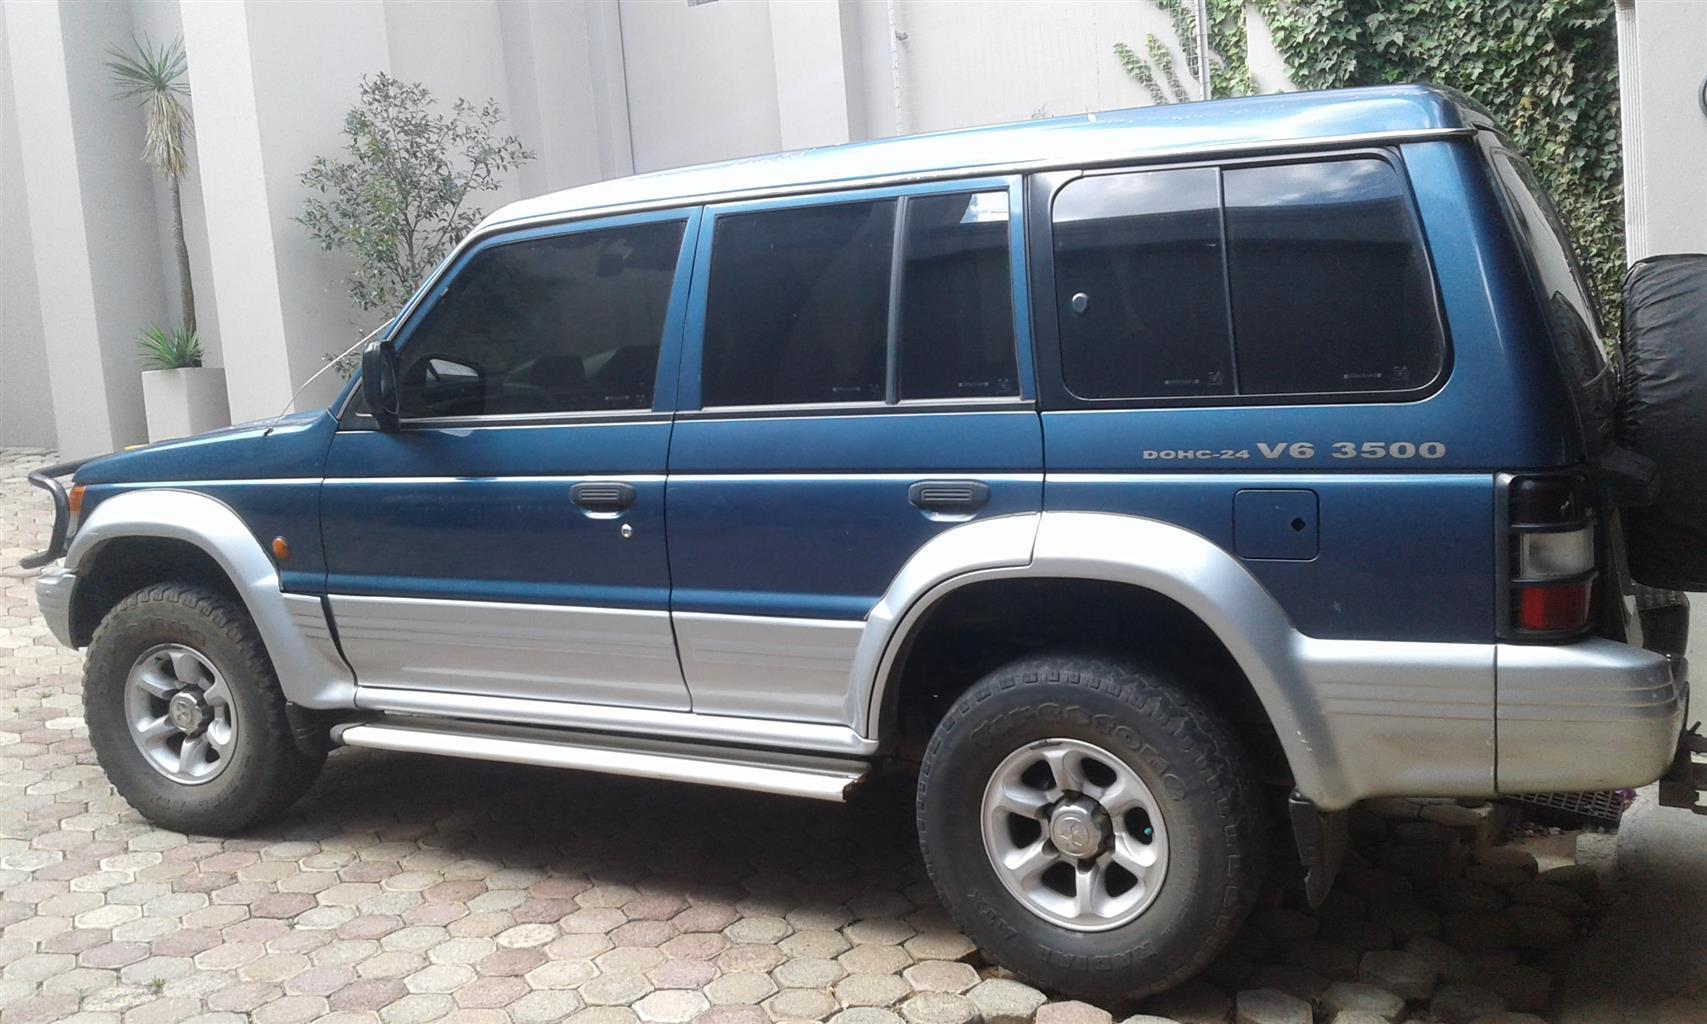 PAJERO, 1997,  4X4, LWB, V6, 3500 CC, 24 VALVE,  DOHC, ORIGINAL.